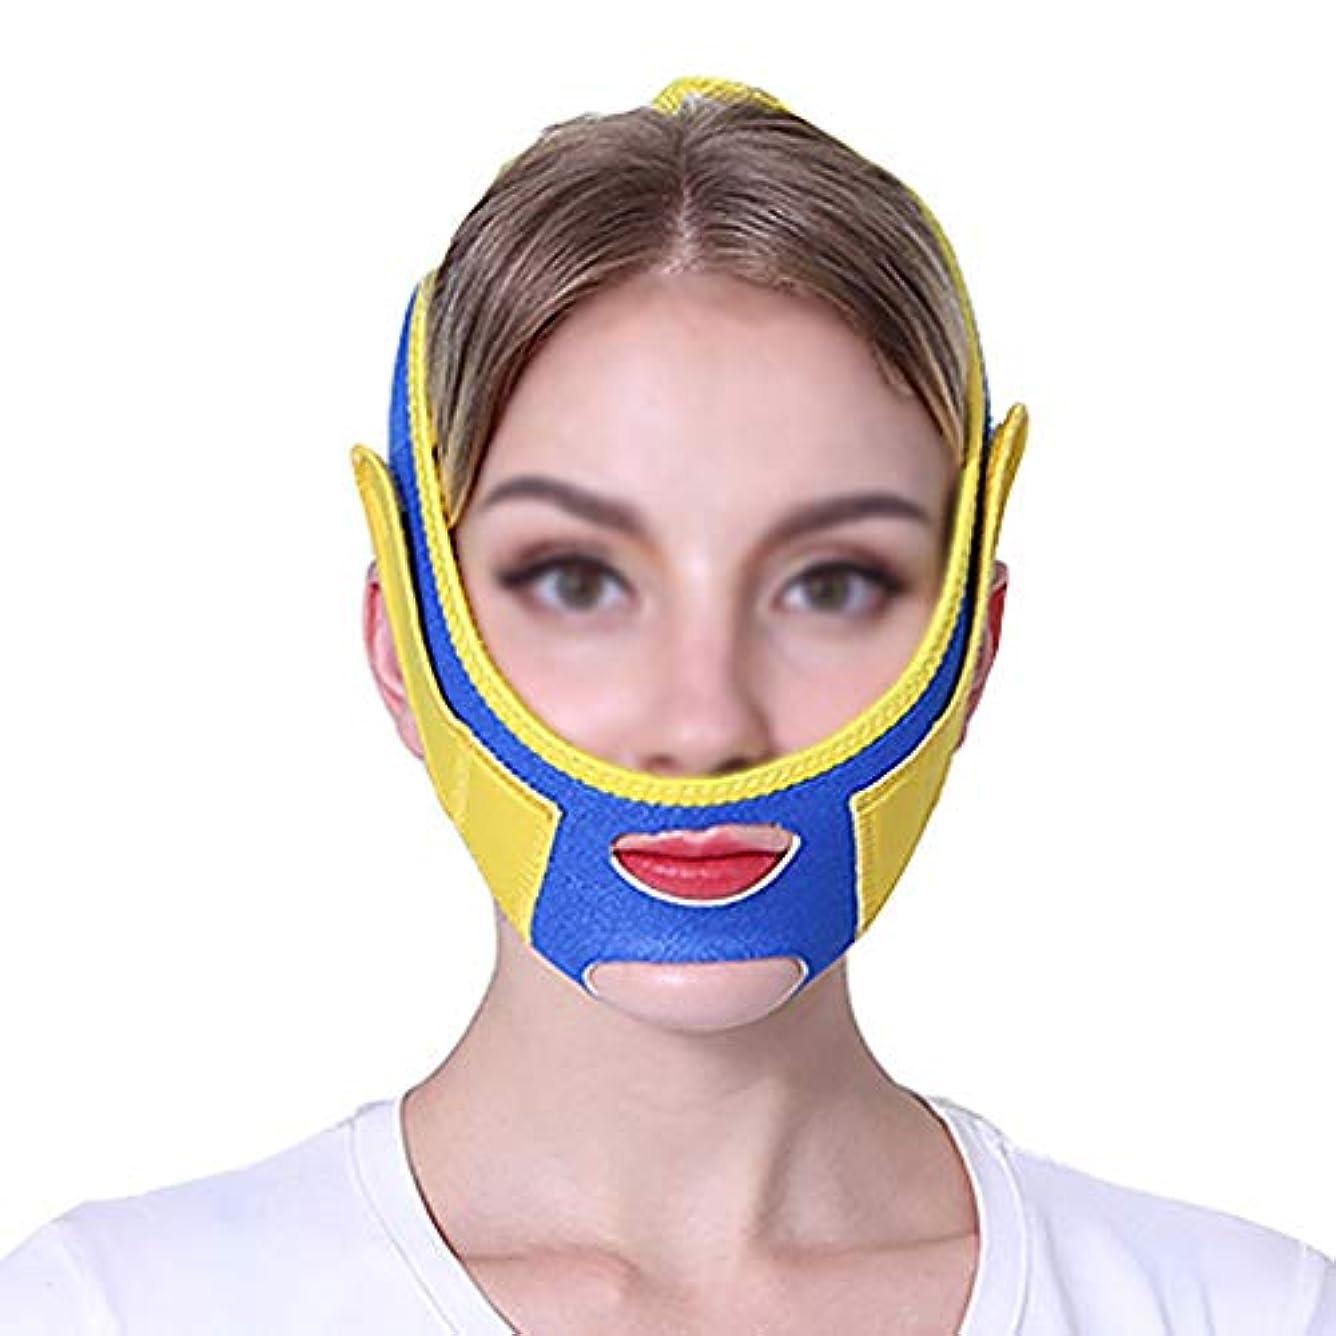 汗名声矛盾するGLJJQMY ファーミングマスクスモールvフェイスアーティファクトリフティングマスクフェイスリフティングフェイスリフティングマスクファーミングクリームフェイシャルリフティング包帯 顔用整形マスク